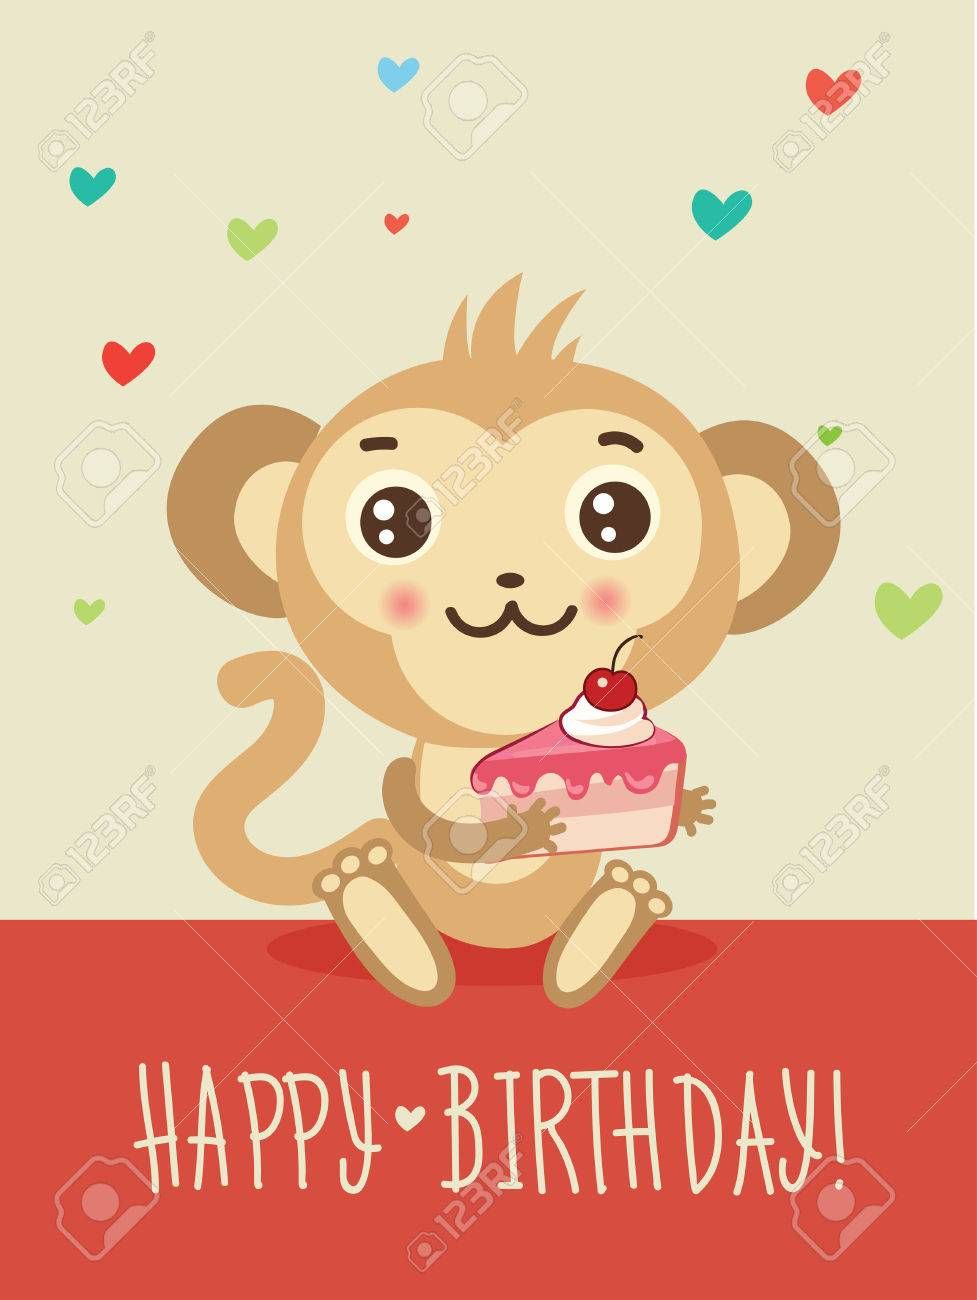 Alles Gute Zum Geburtstag Karte Mit Lustiger Affe Und Kuchen In